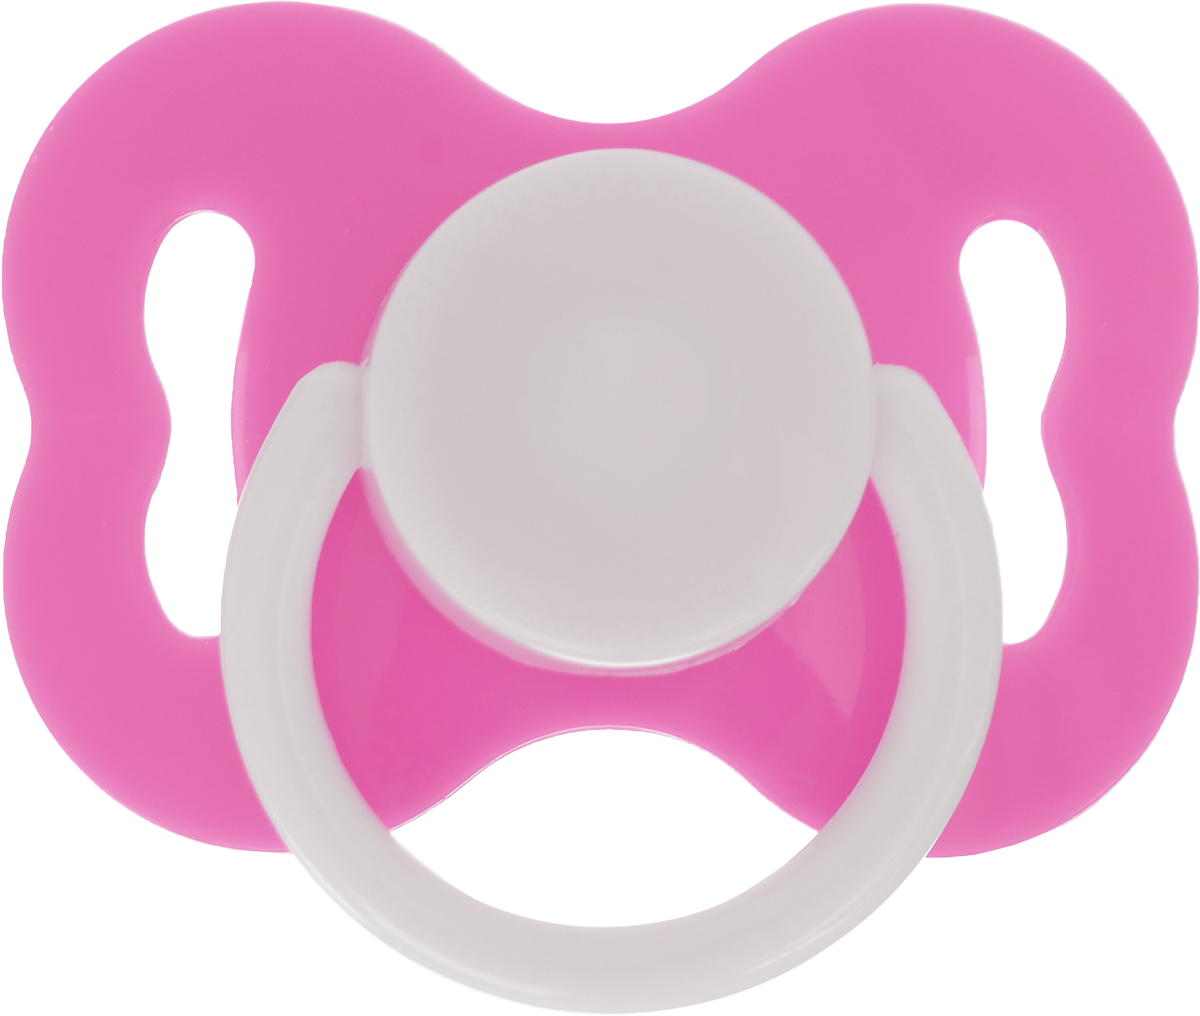 Lubby Пустышка силиконовая с рельефной поверхностью от 3 месяцев цвет розовый